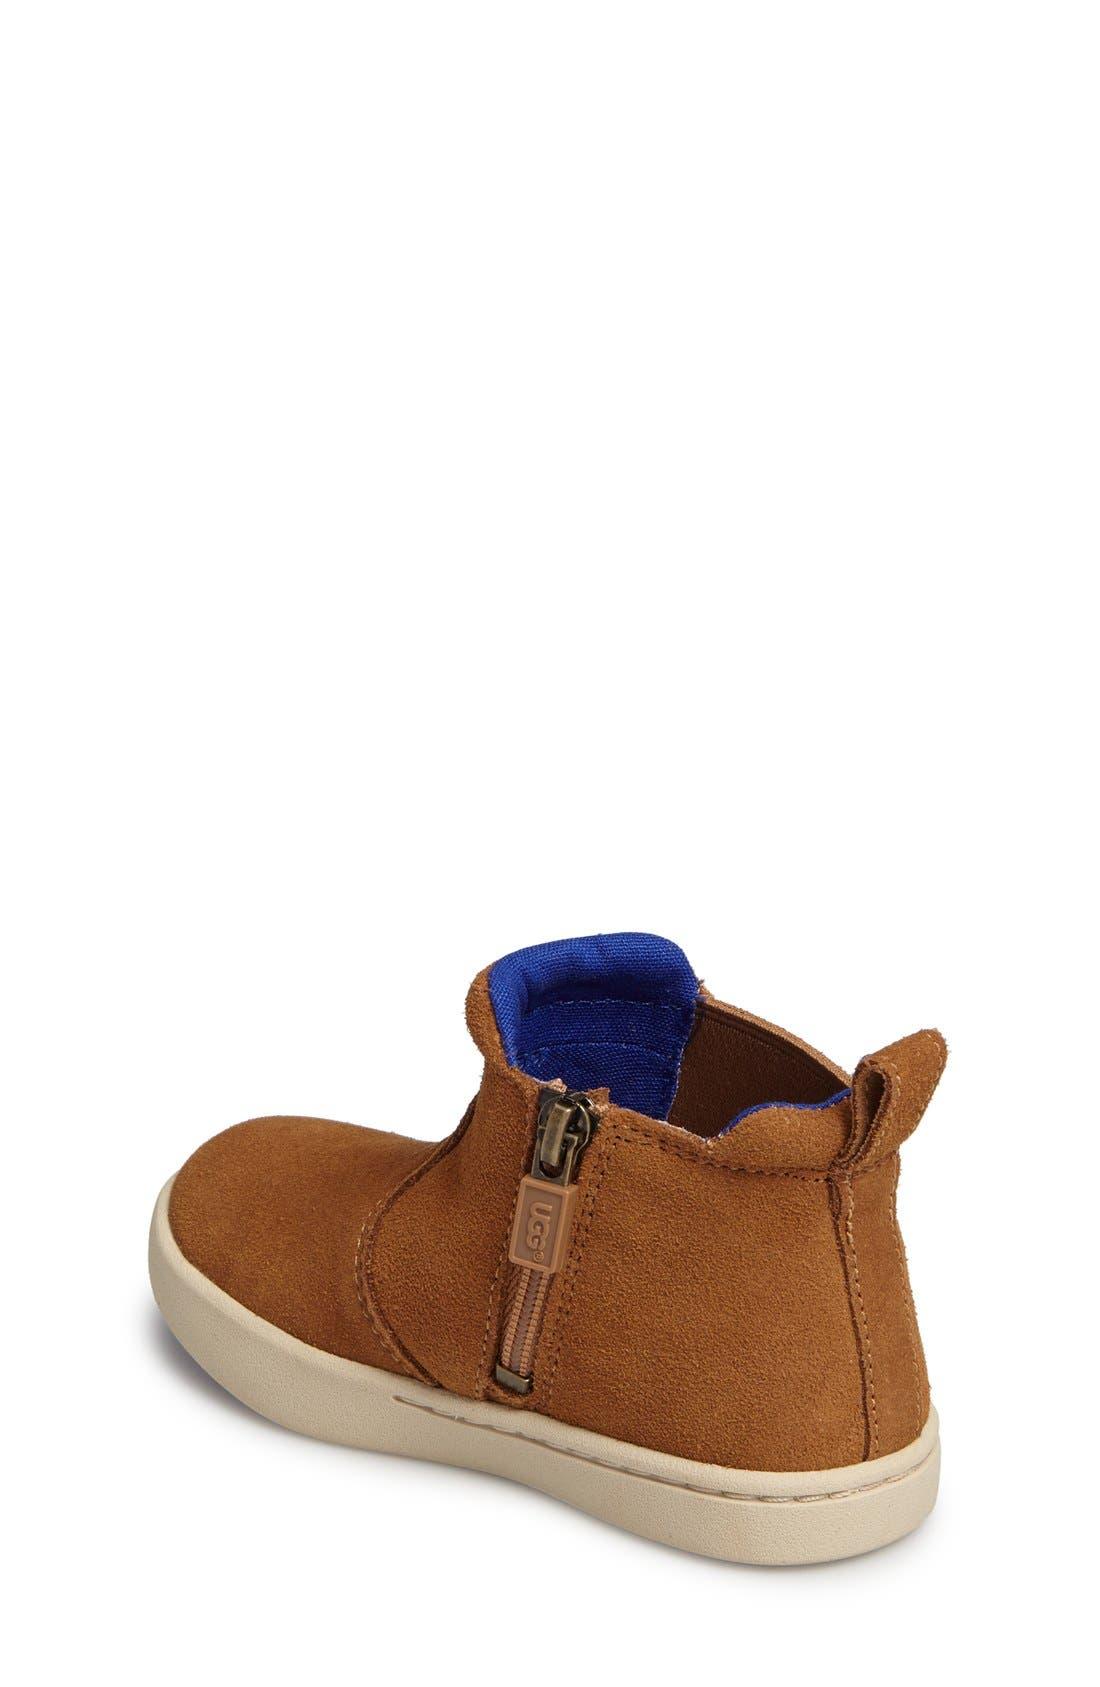 Hamden Sneaker,                             Alternate thumbnail 14, color,